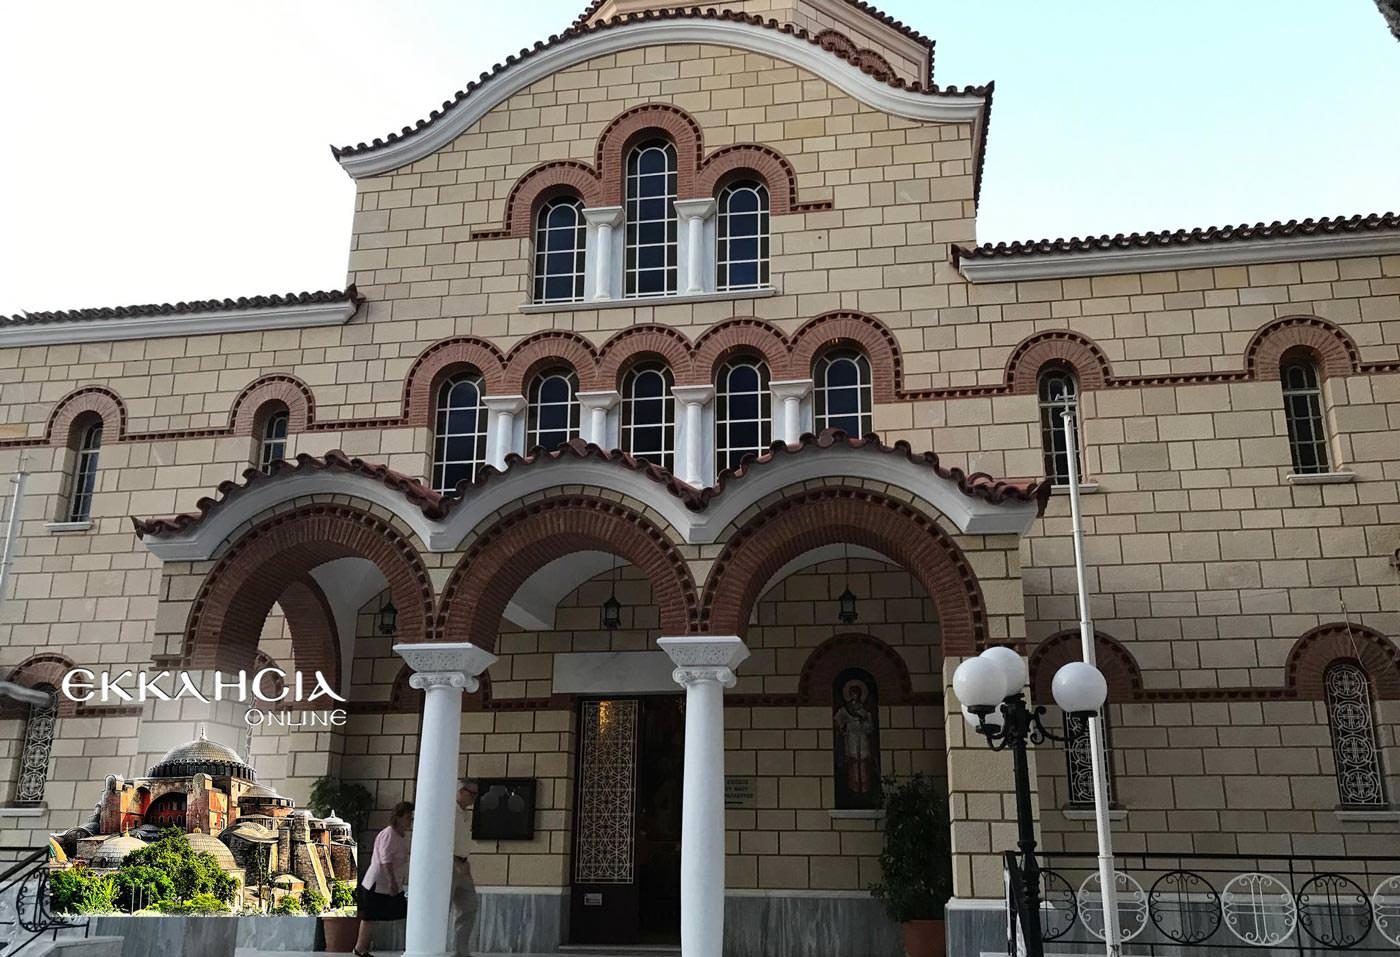 Ιερός Ναός Αγίας Τριάδας Κηφισιά 2019